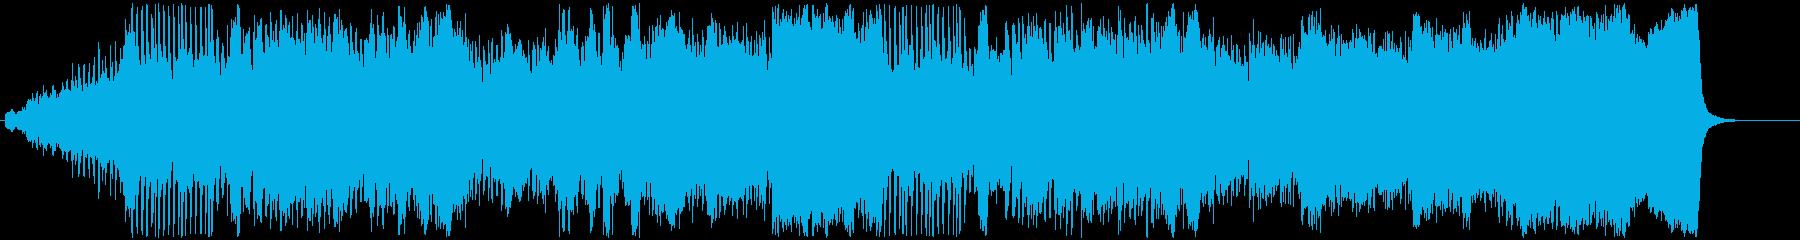 オープニング用オーケストラの再生済みの波形